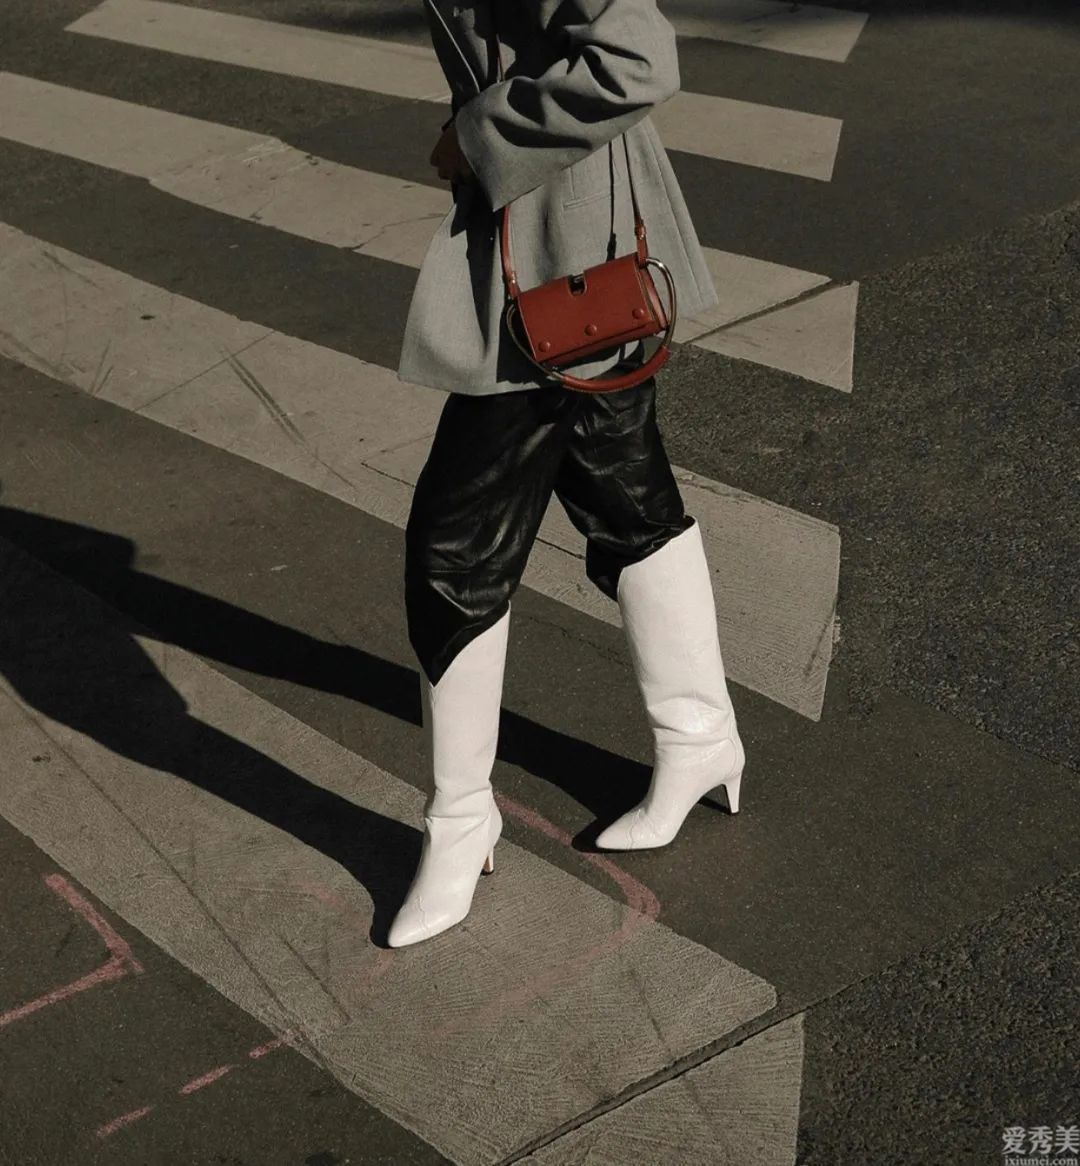 仍在穿白運動鞋?這一冬季,不如試一下這3雙皮靴,潮流趨勢好搭又顯修長美腿